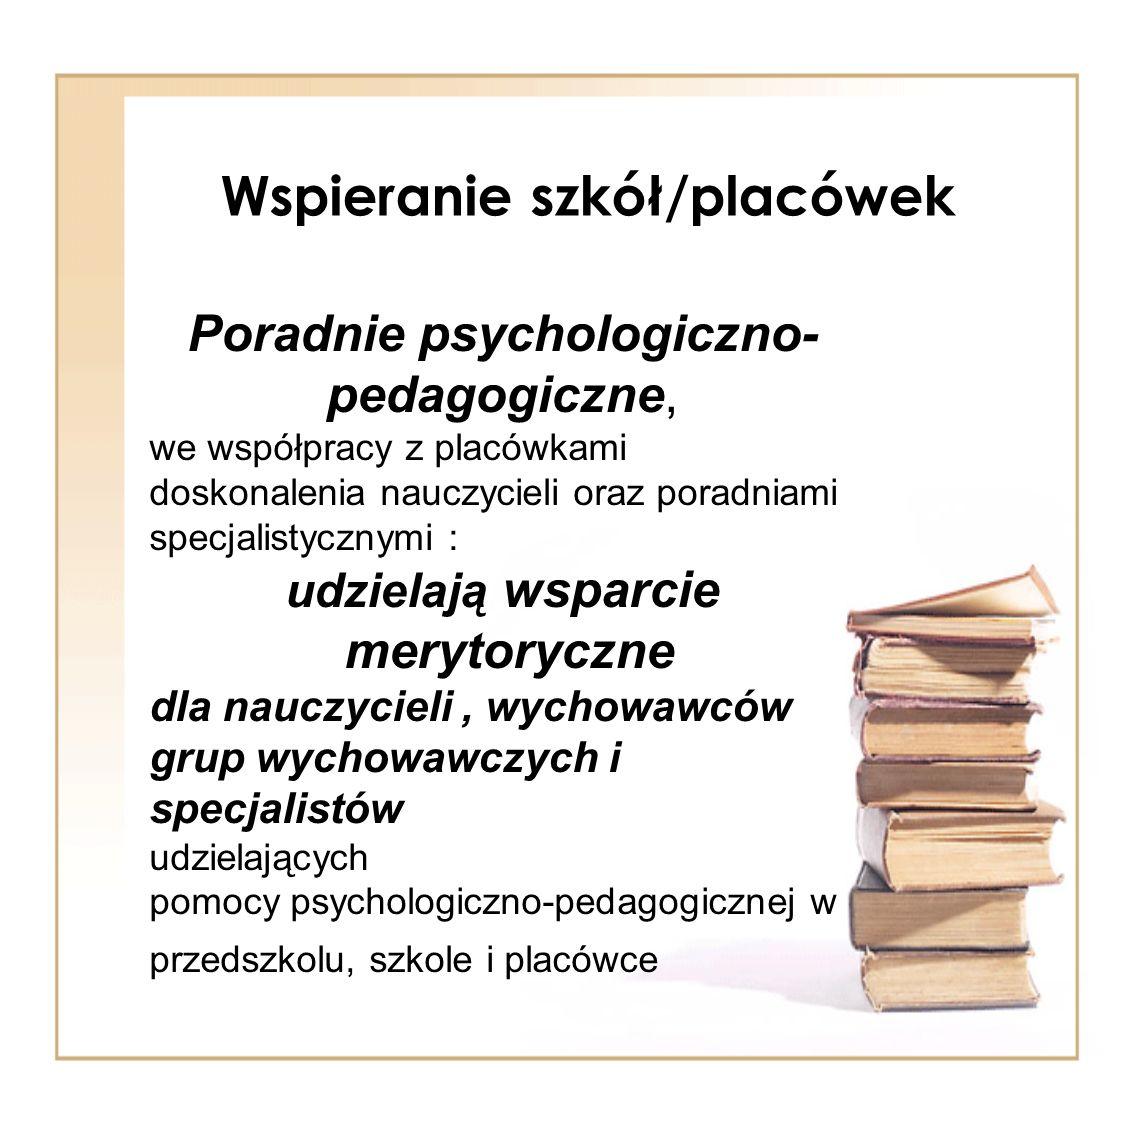 Wspieranie szkół/placówek Poradnie psychologiczno- pedagogiczne, we współpracy z placówkami doskonalenia nauczycieli oraz poradniami specjalistycznymi